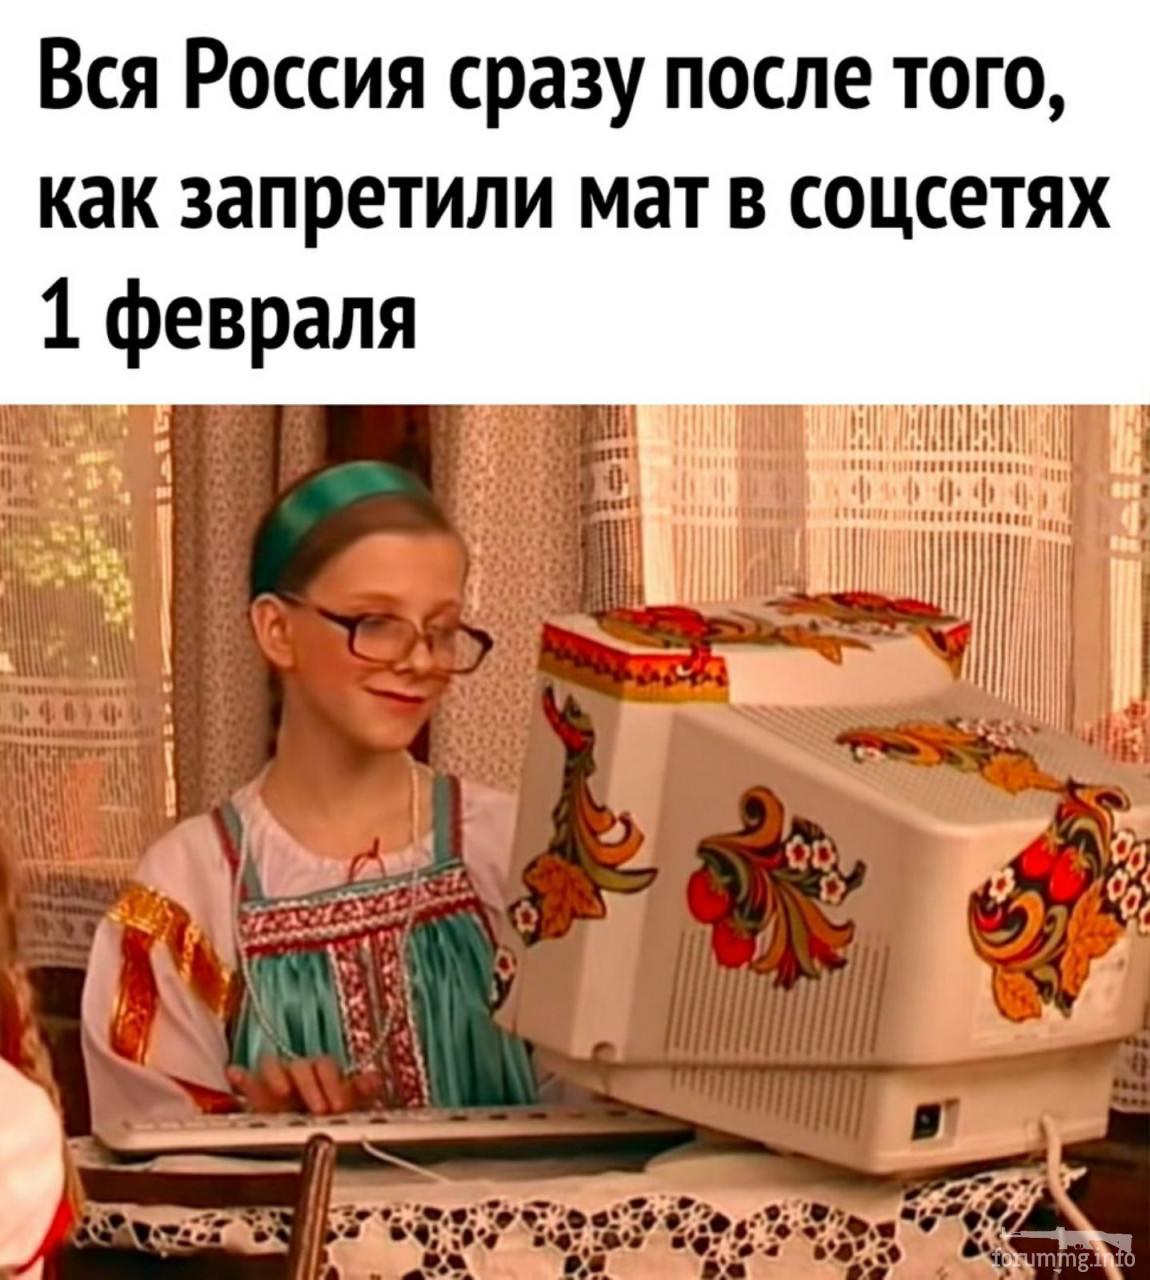 120604 - А в России чудеса!